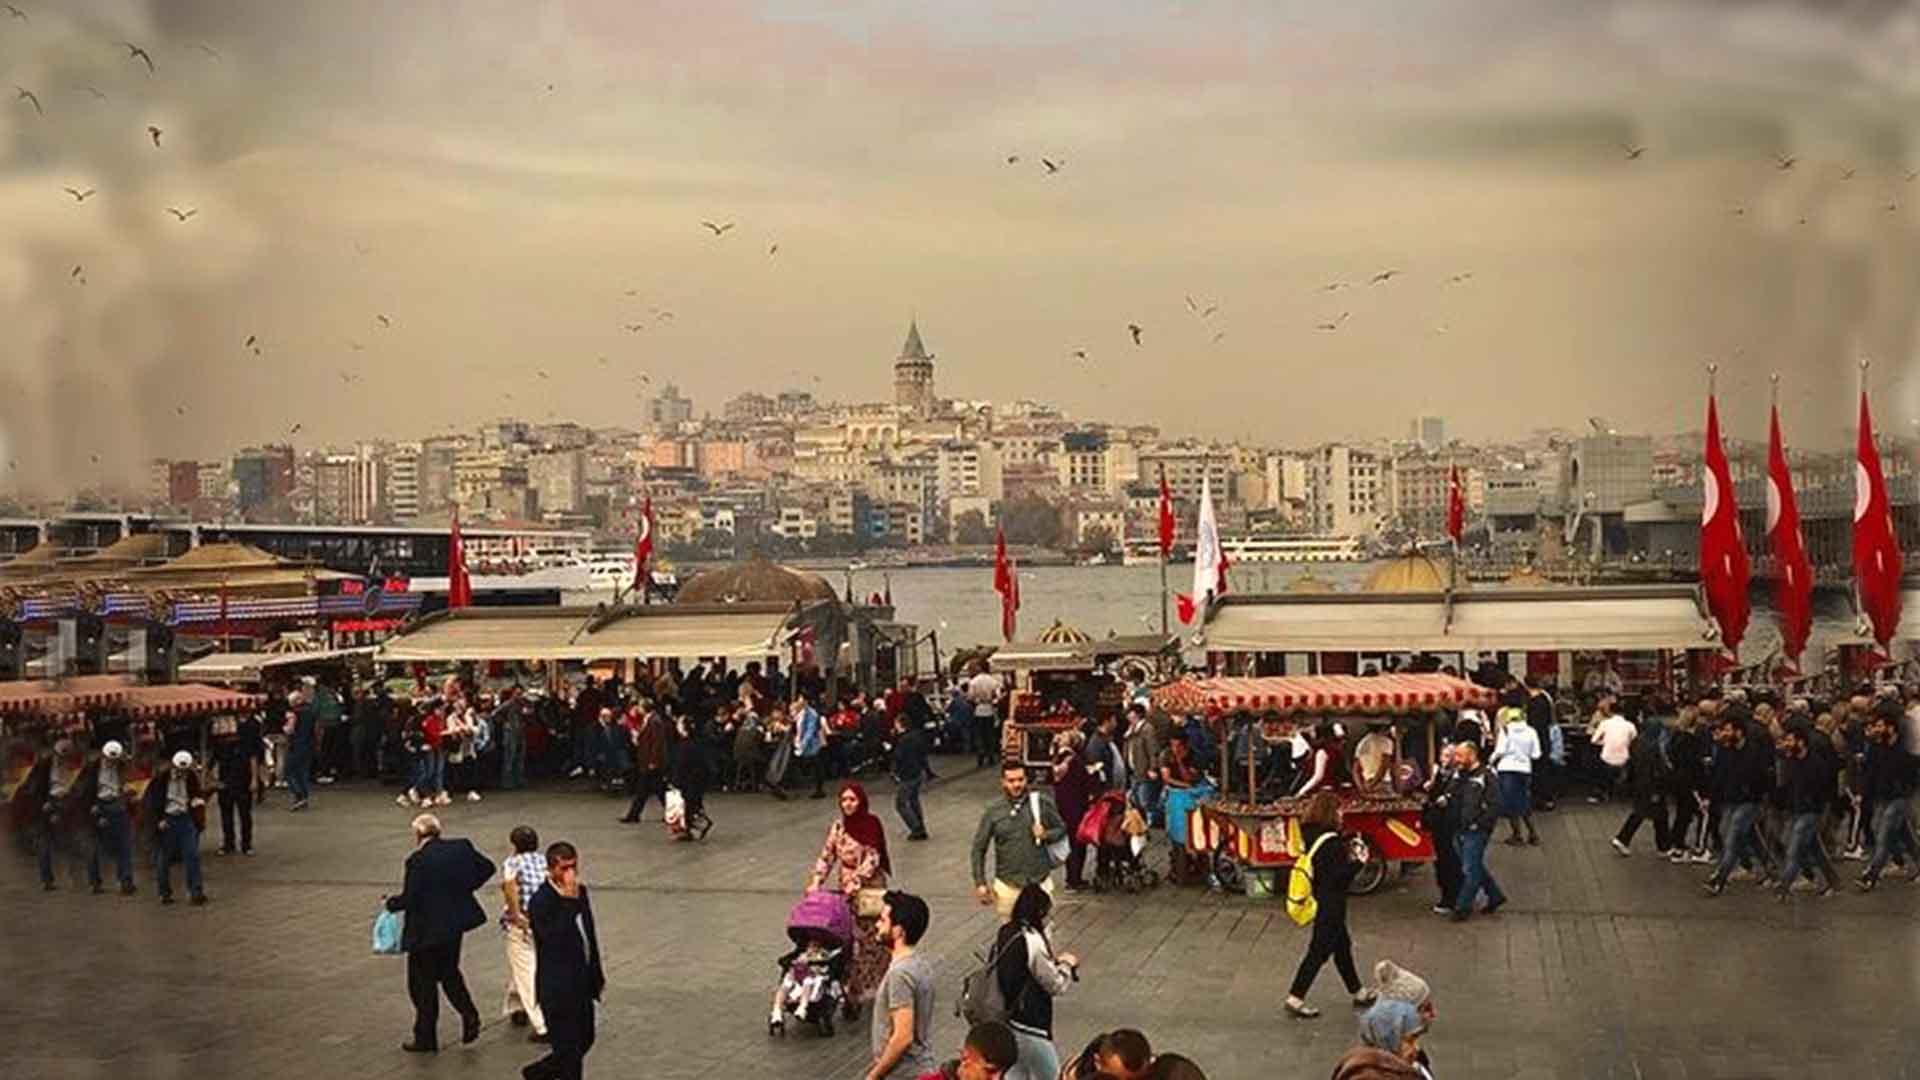 Türkiye Nüfusunun Yaş Gruplarına Göre Dağılımı?fit=thumb&w=418&h=152&q=80